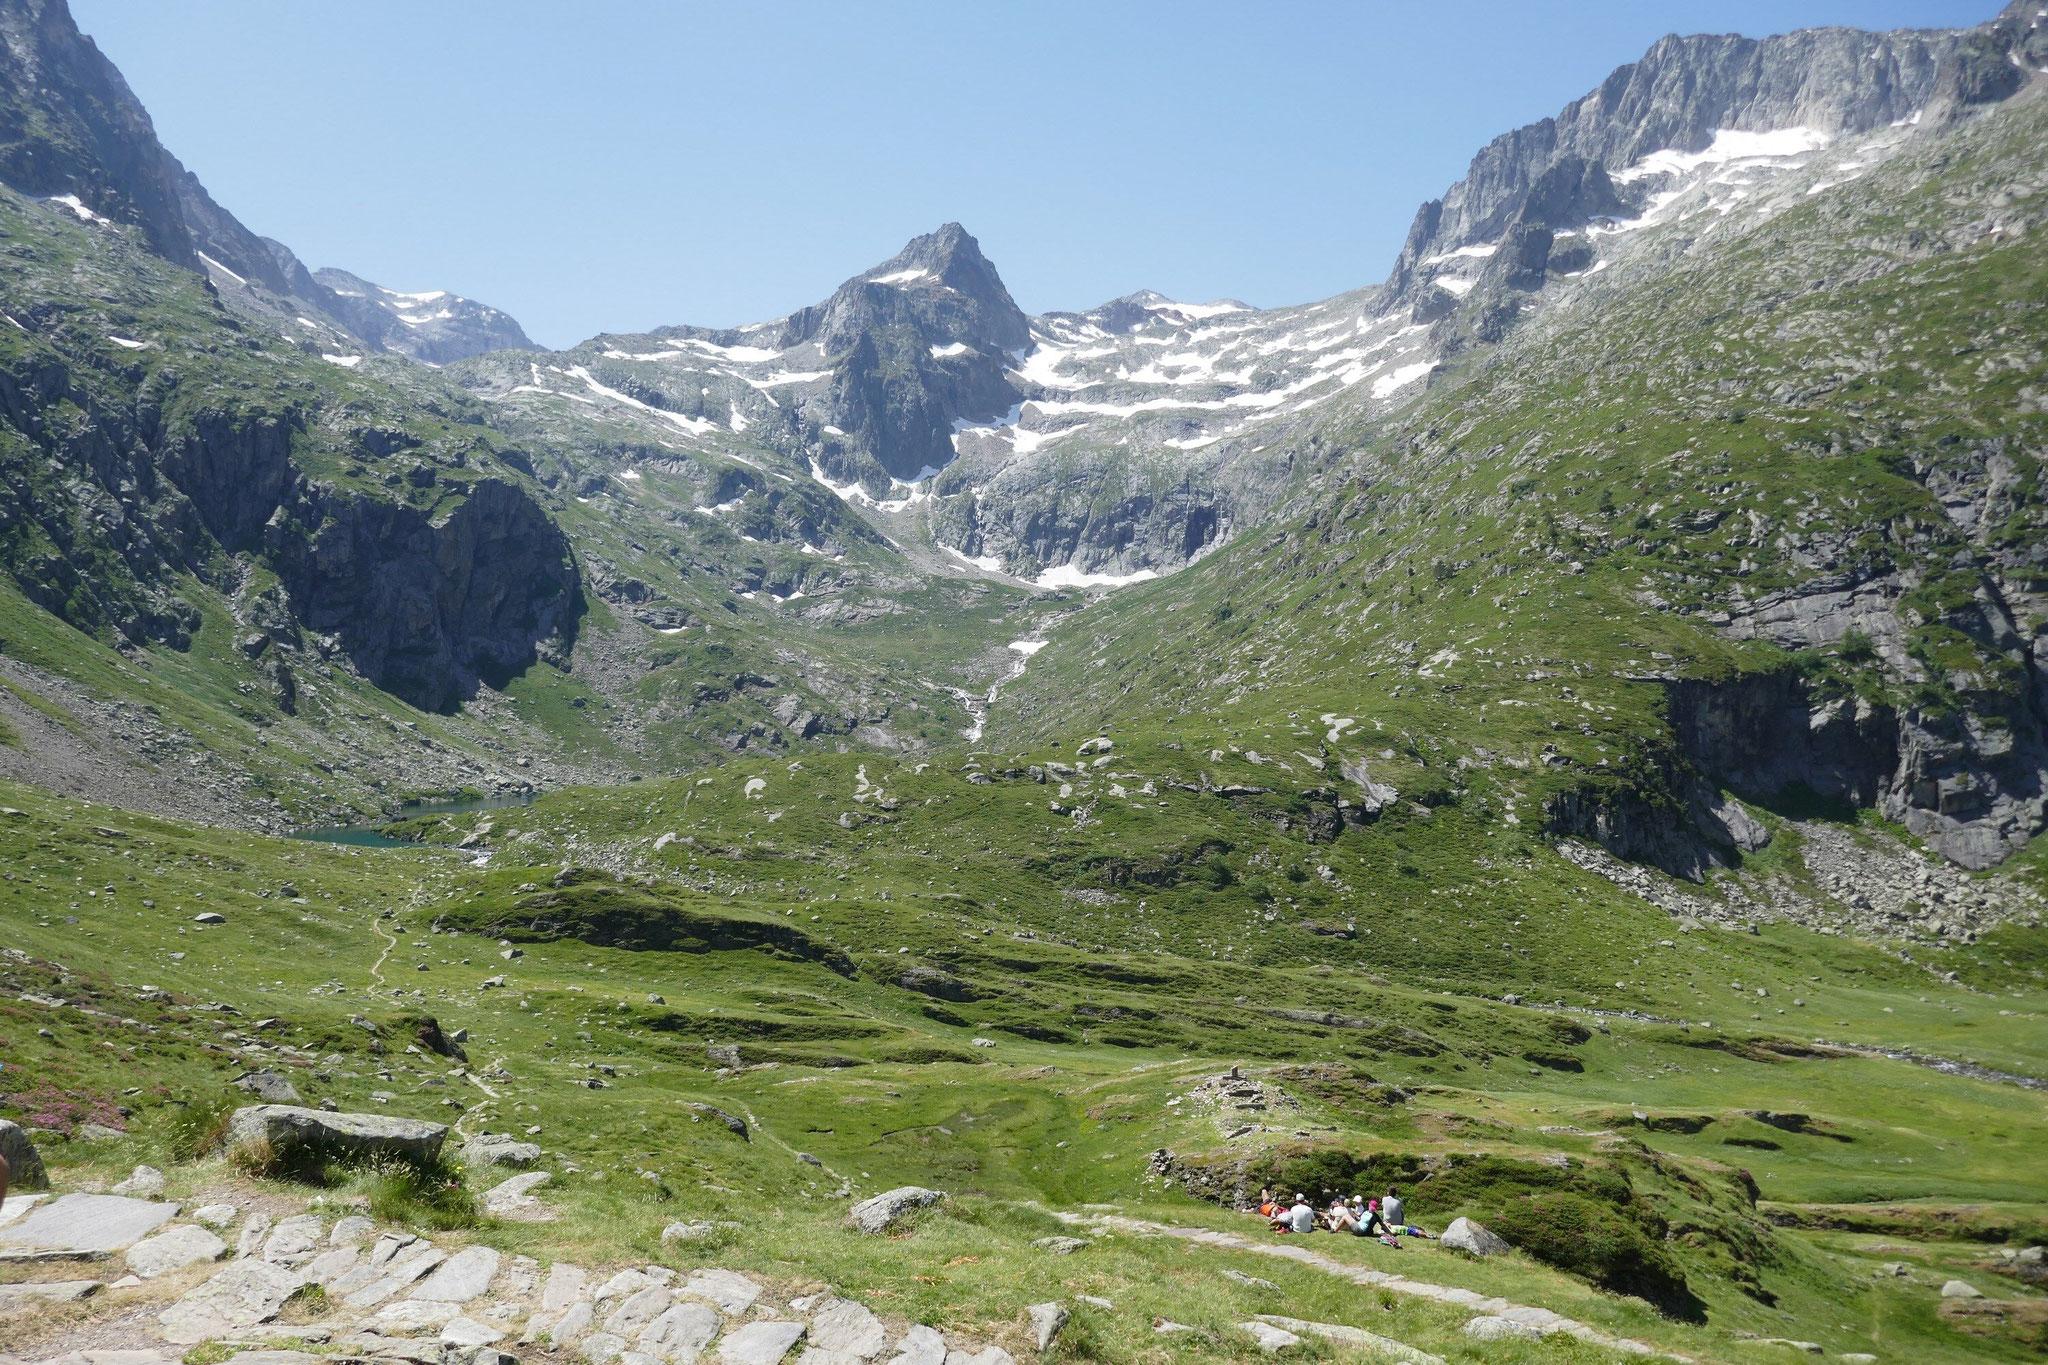 vue sur le chemin vers le Col du Portillon depuis le col d'espingo